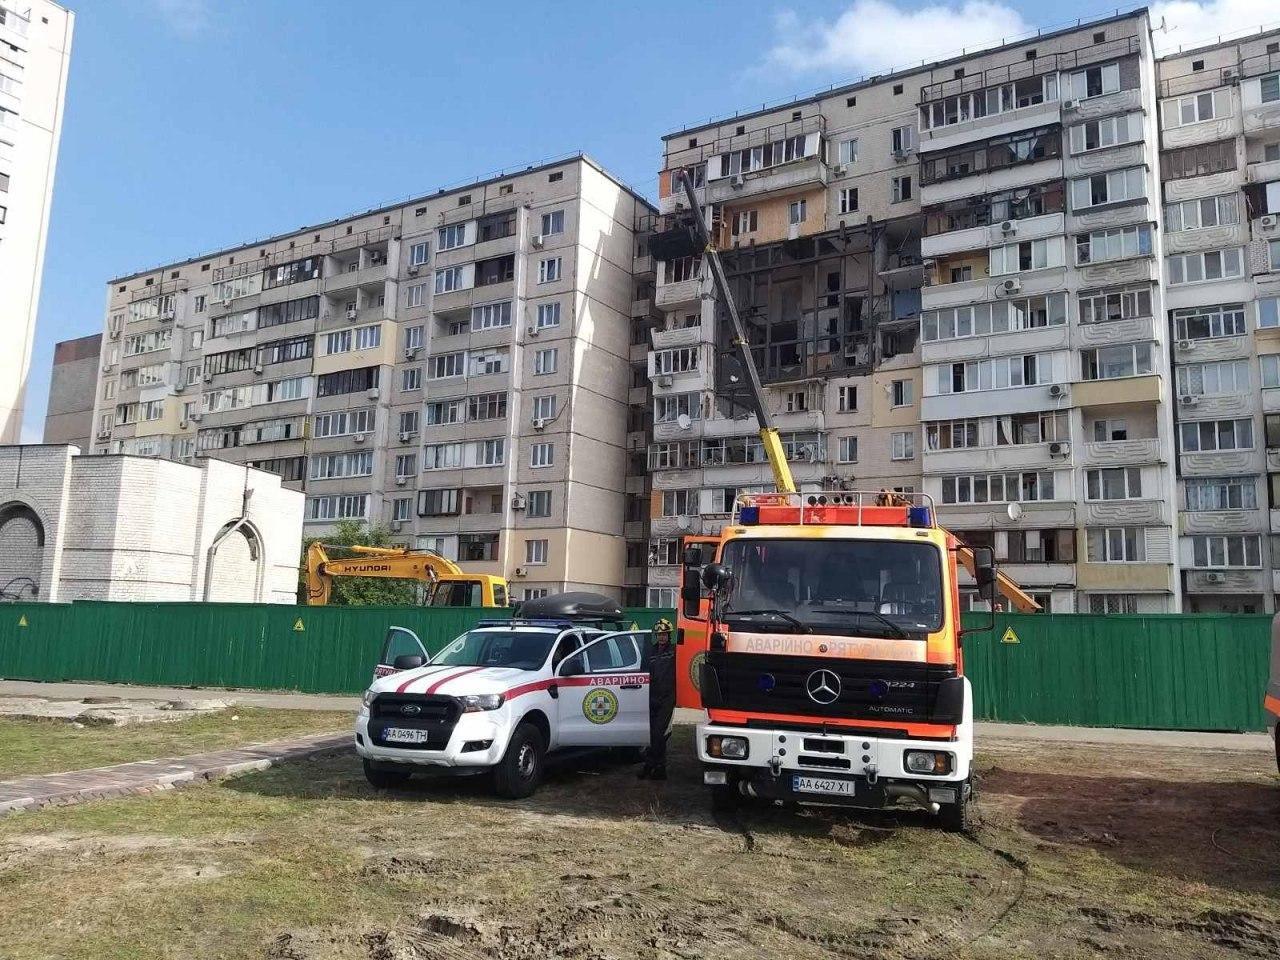 Жителям дома на Позняках, где произошел взрыв, стали возвращать вещи, ФОТО, фото-2